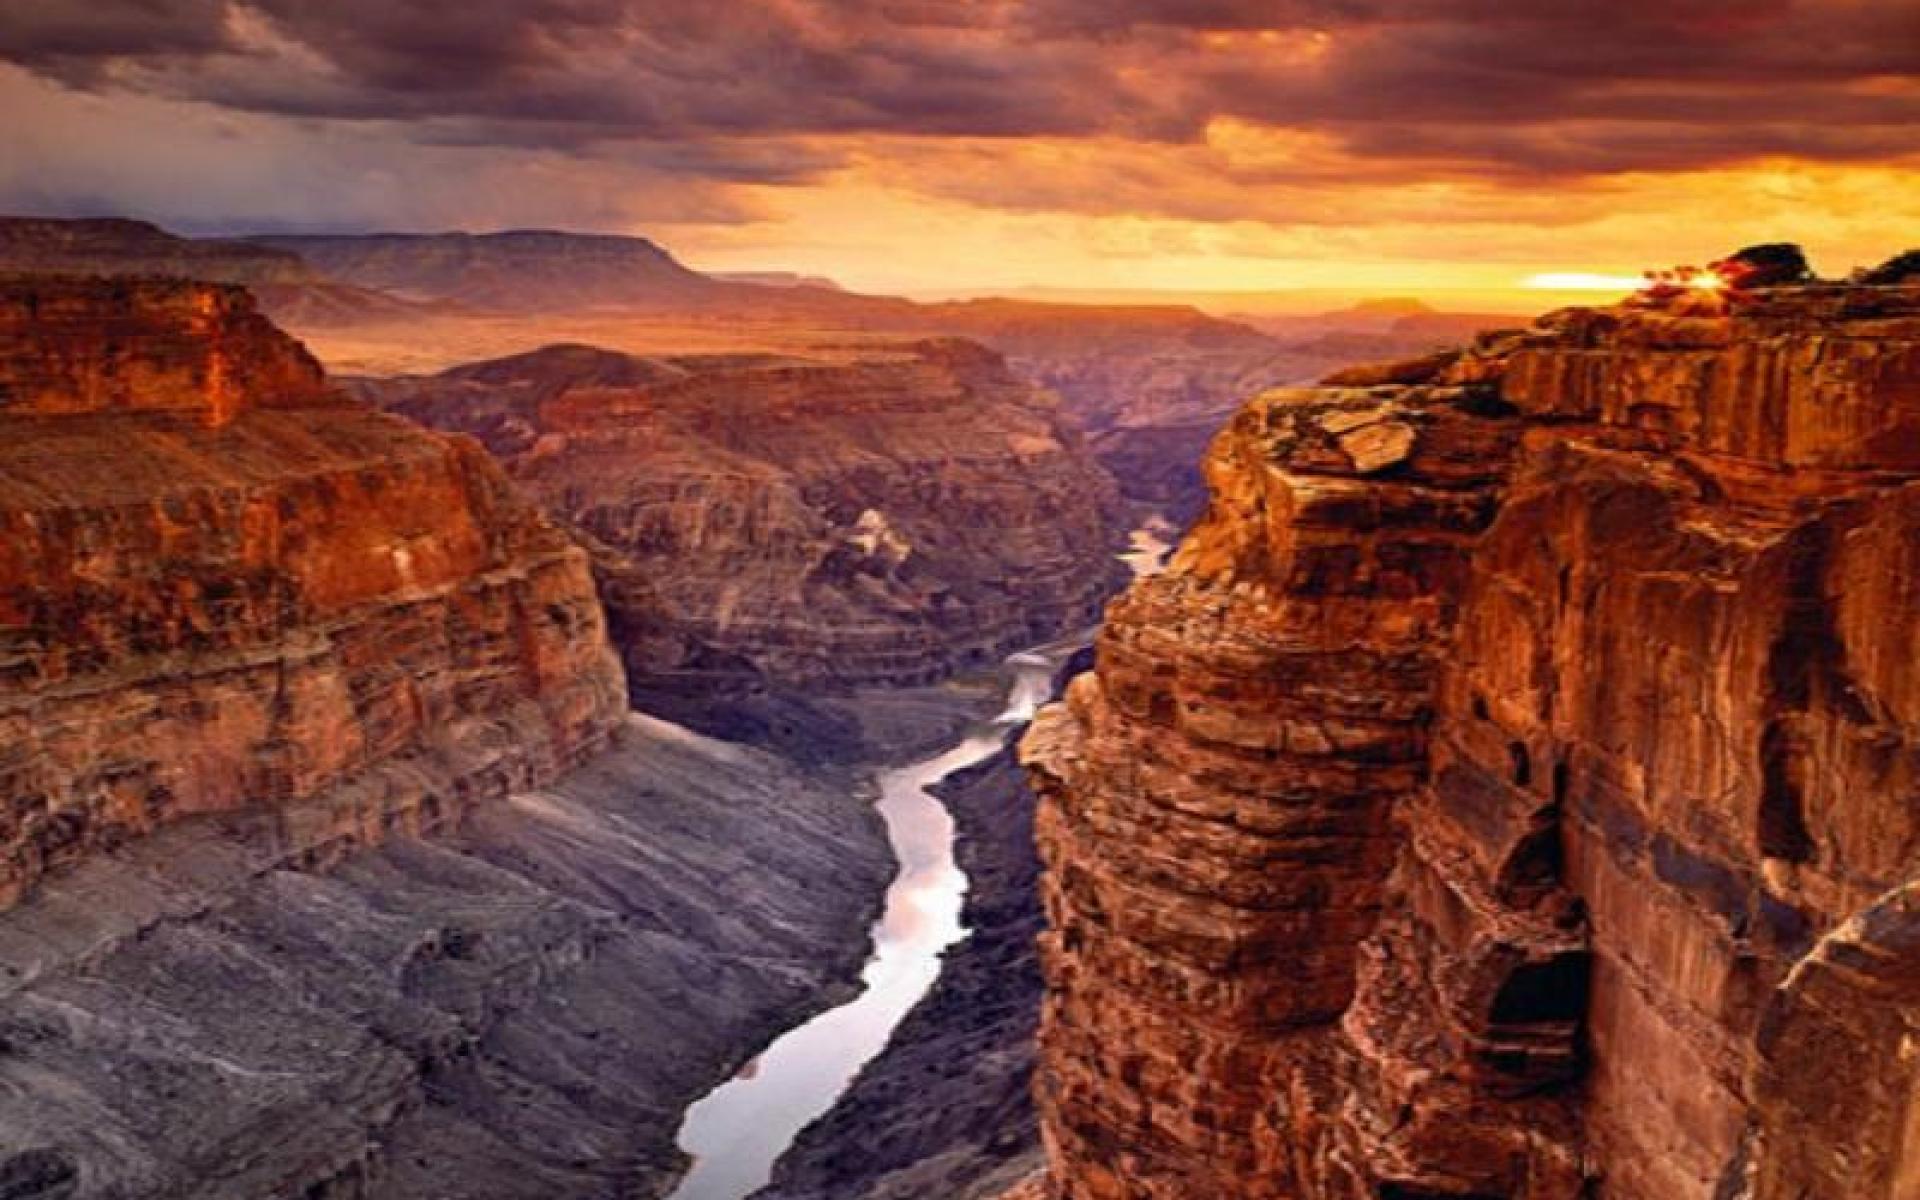 Grand Canyon wallpaper 1920x1200 70533 1920x1200